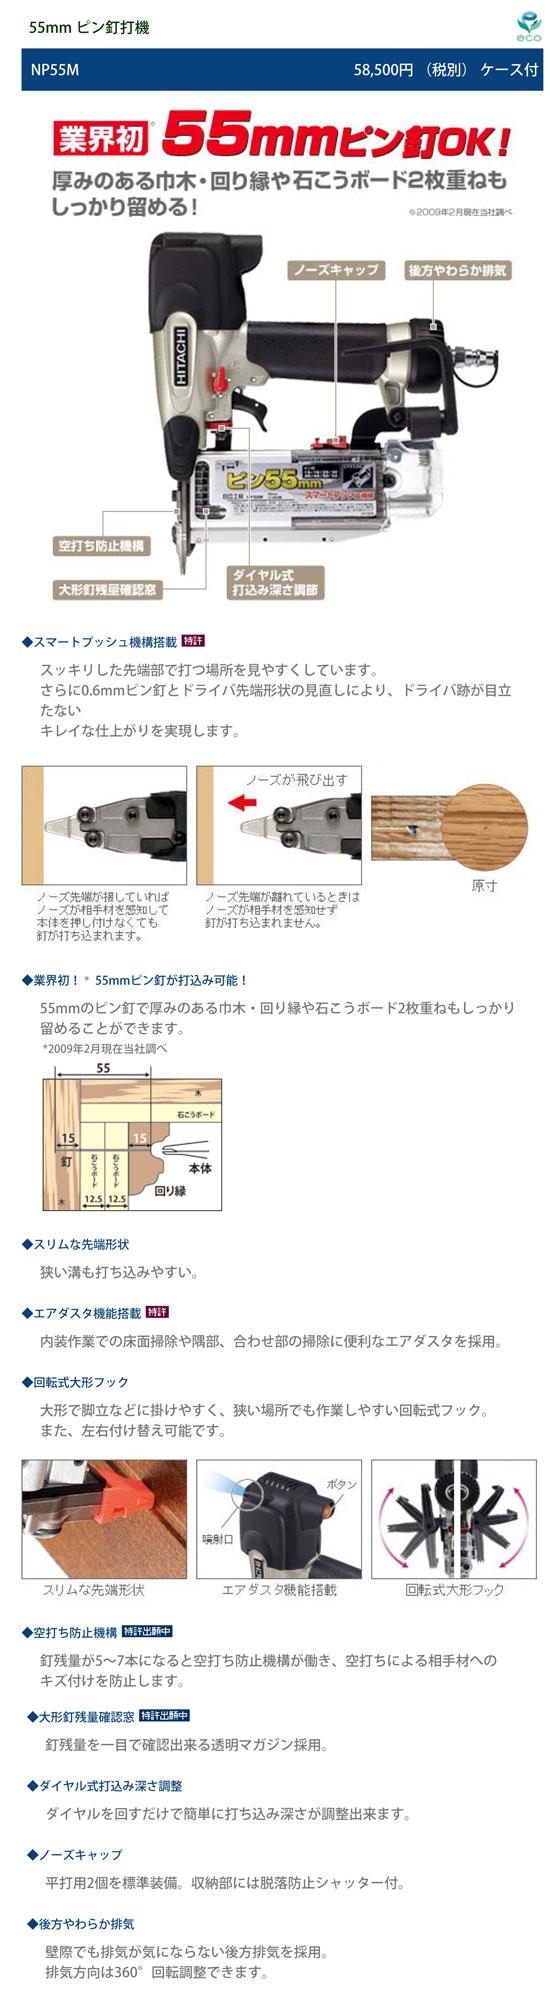 NP55M 商品詳細